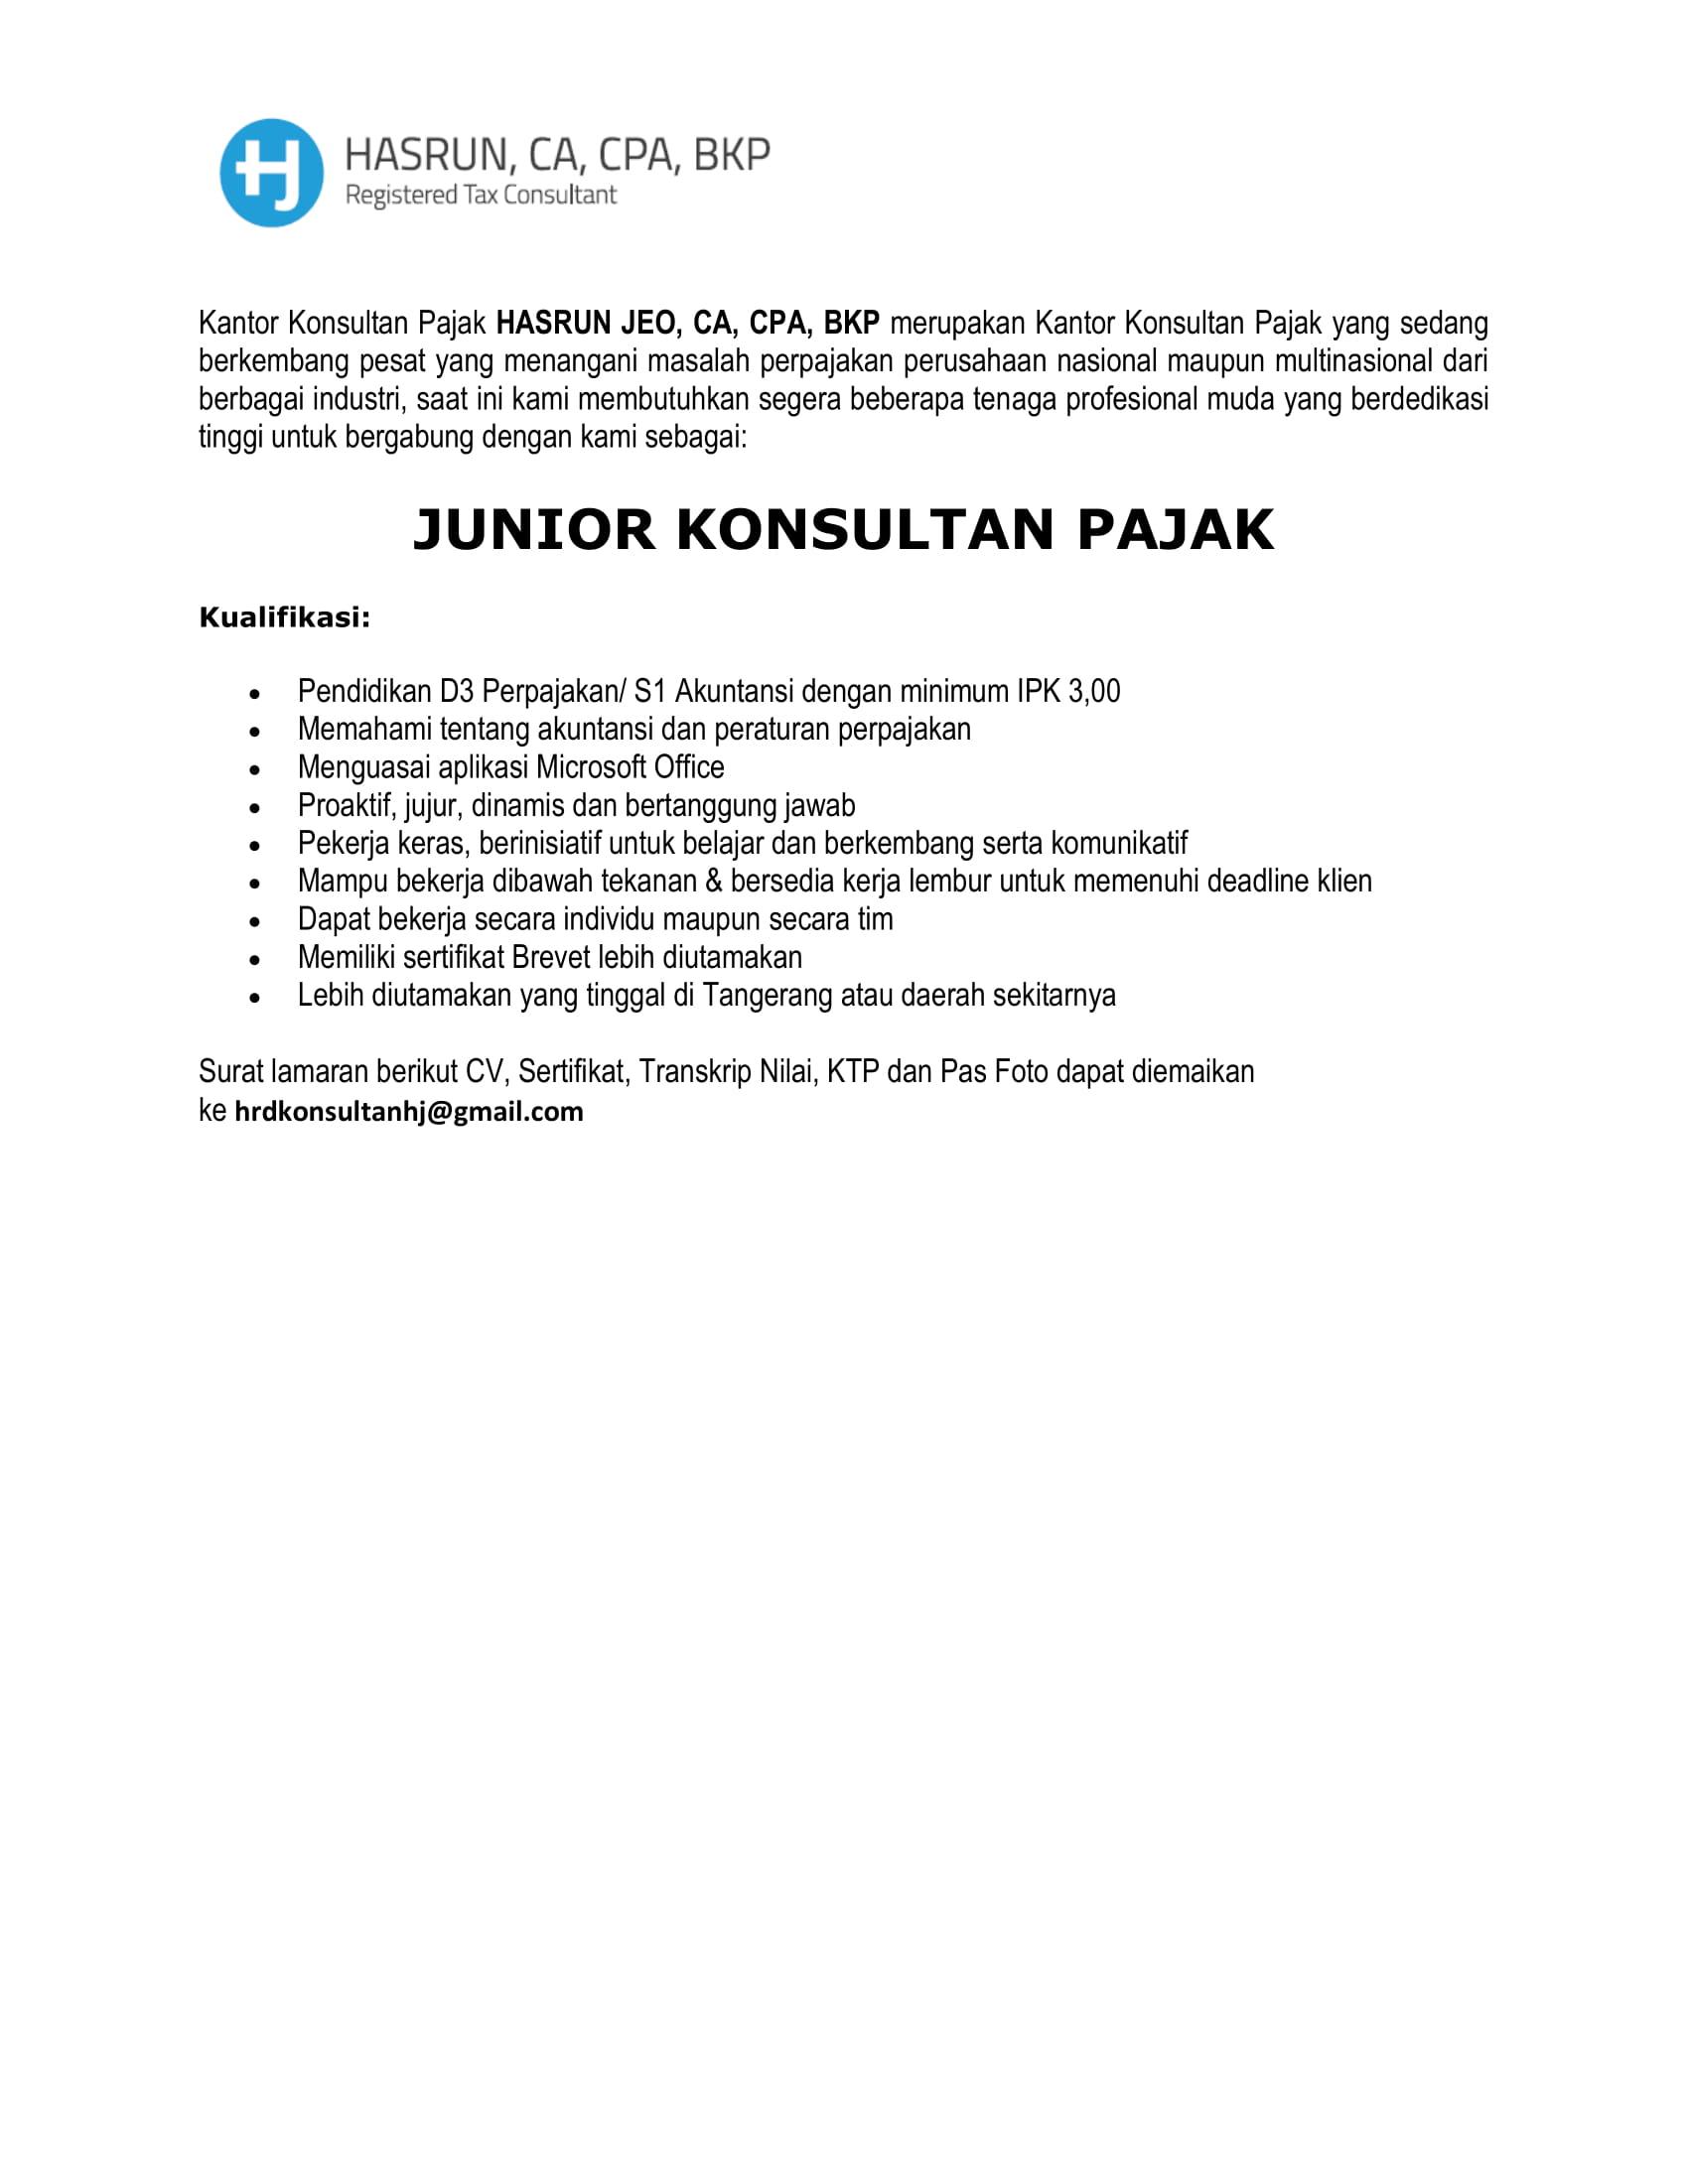 Lowongan Kerja PT. HARUN, CA, CPA, BKP